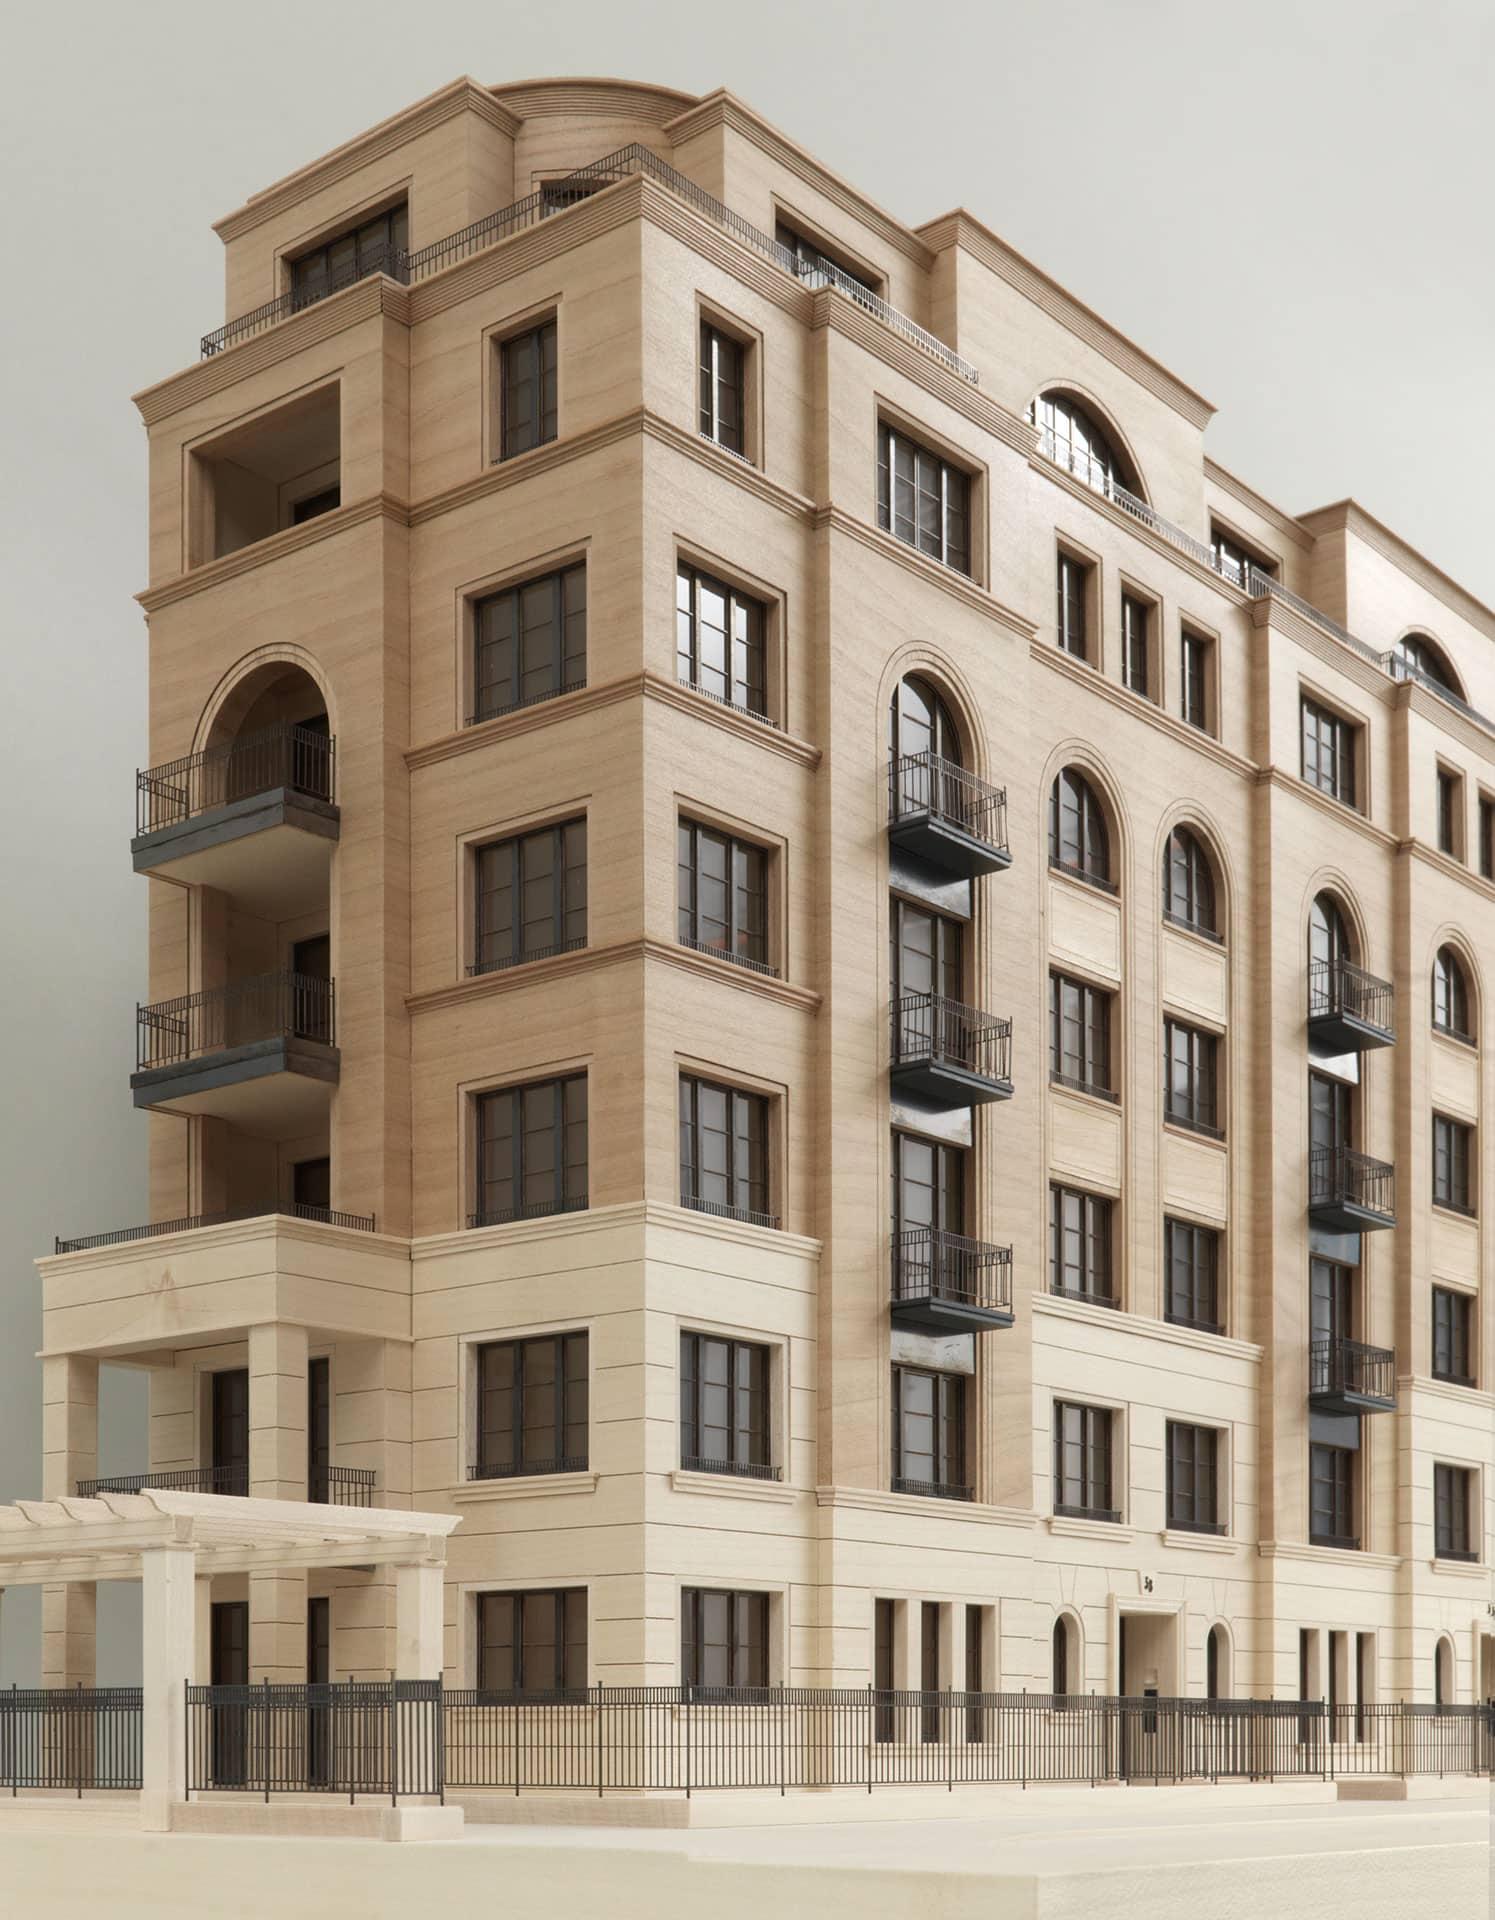 Architekturmodell Emser Straße